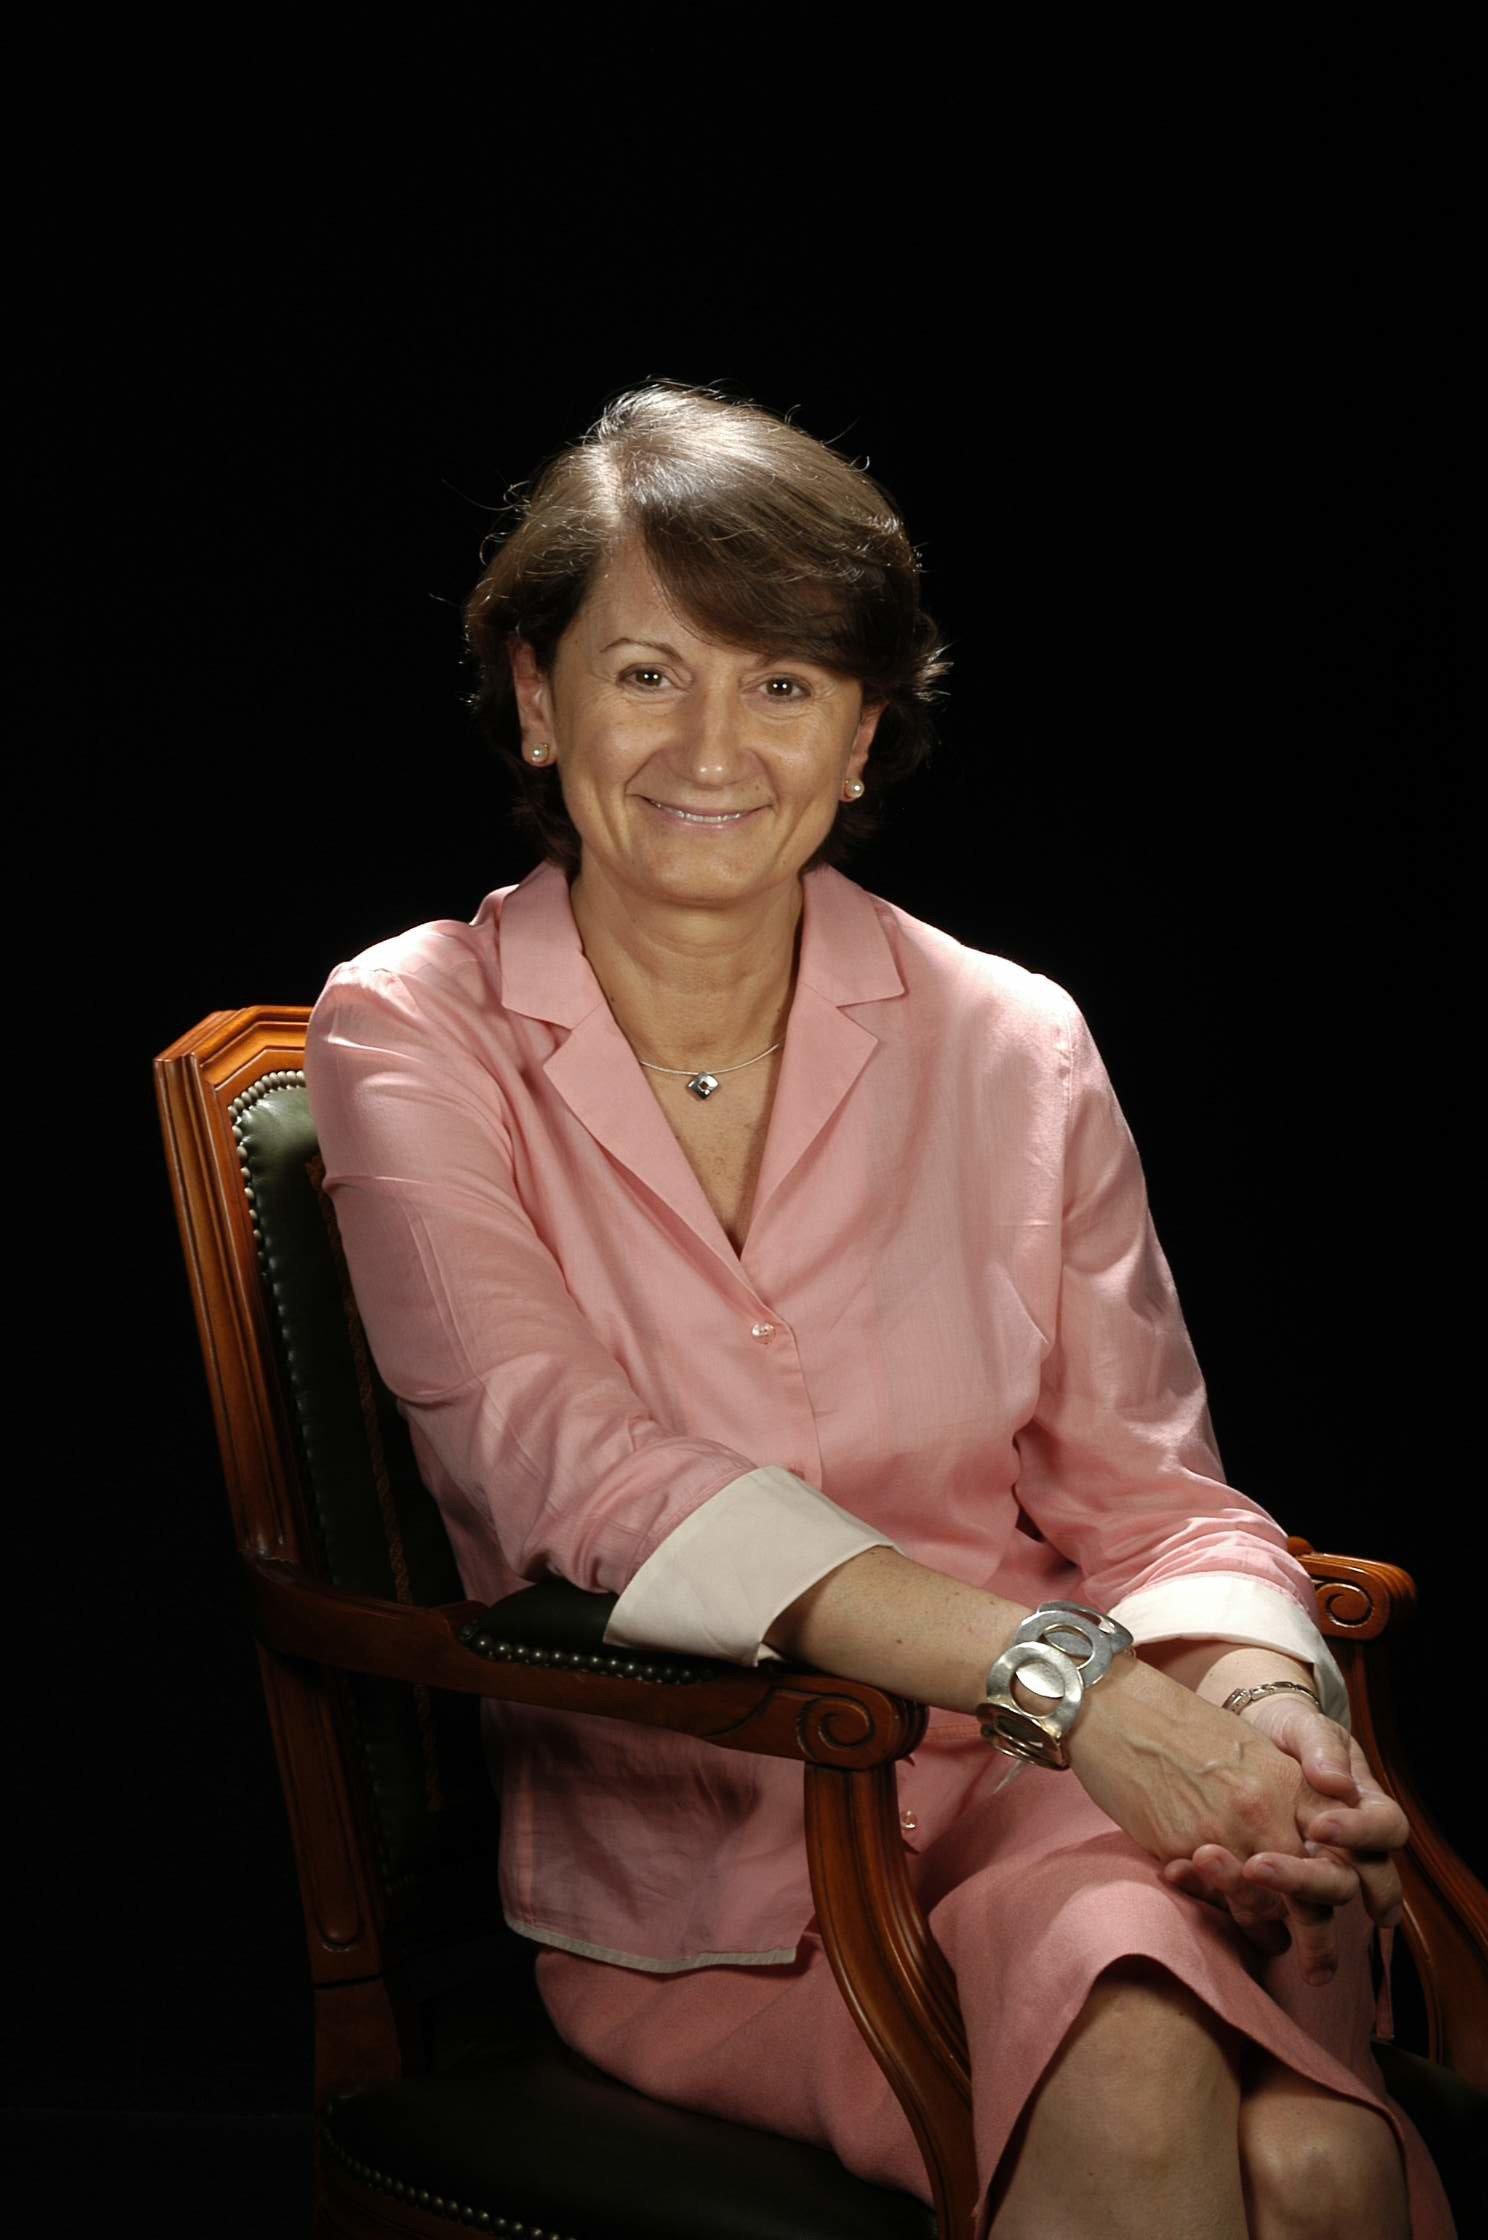 Dra. Montserrat Manubens Grau